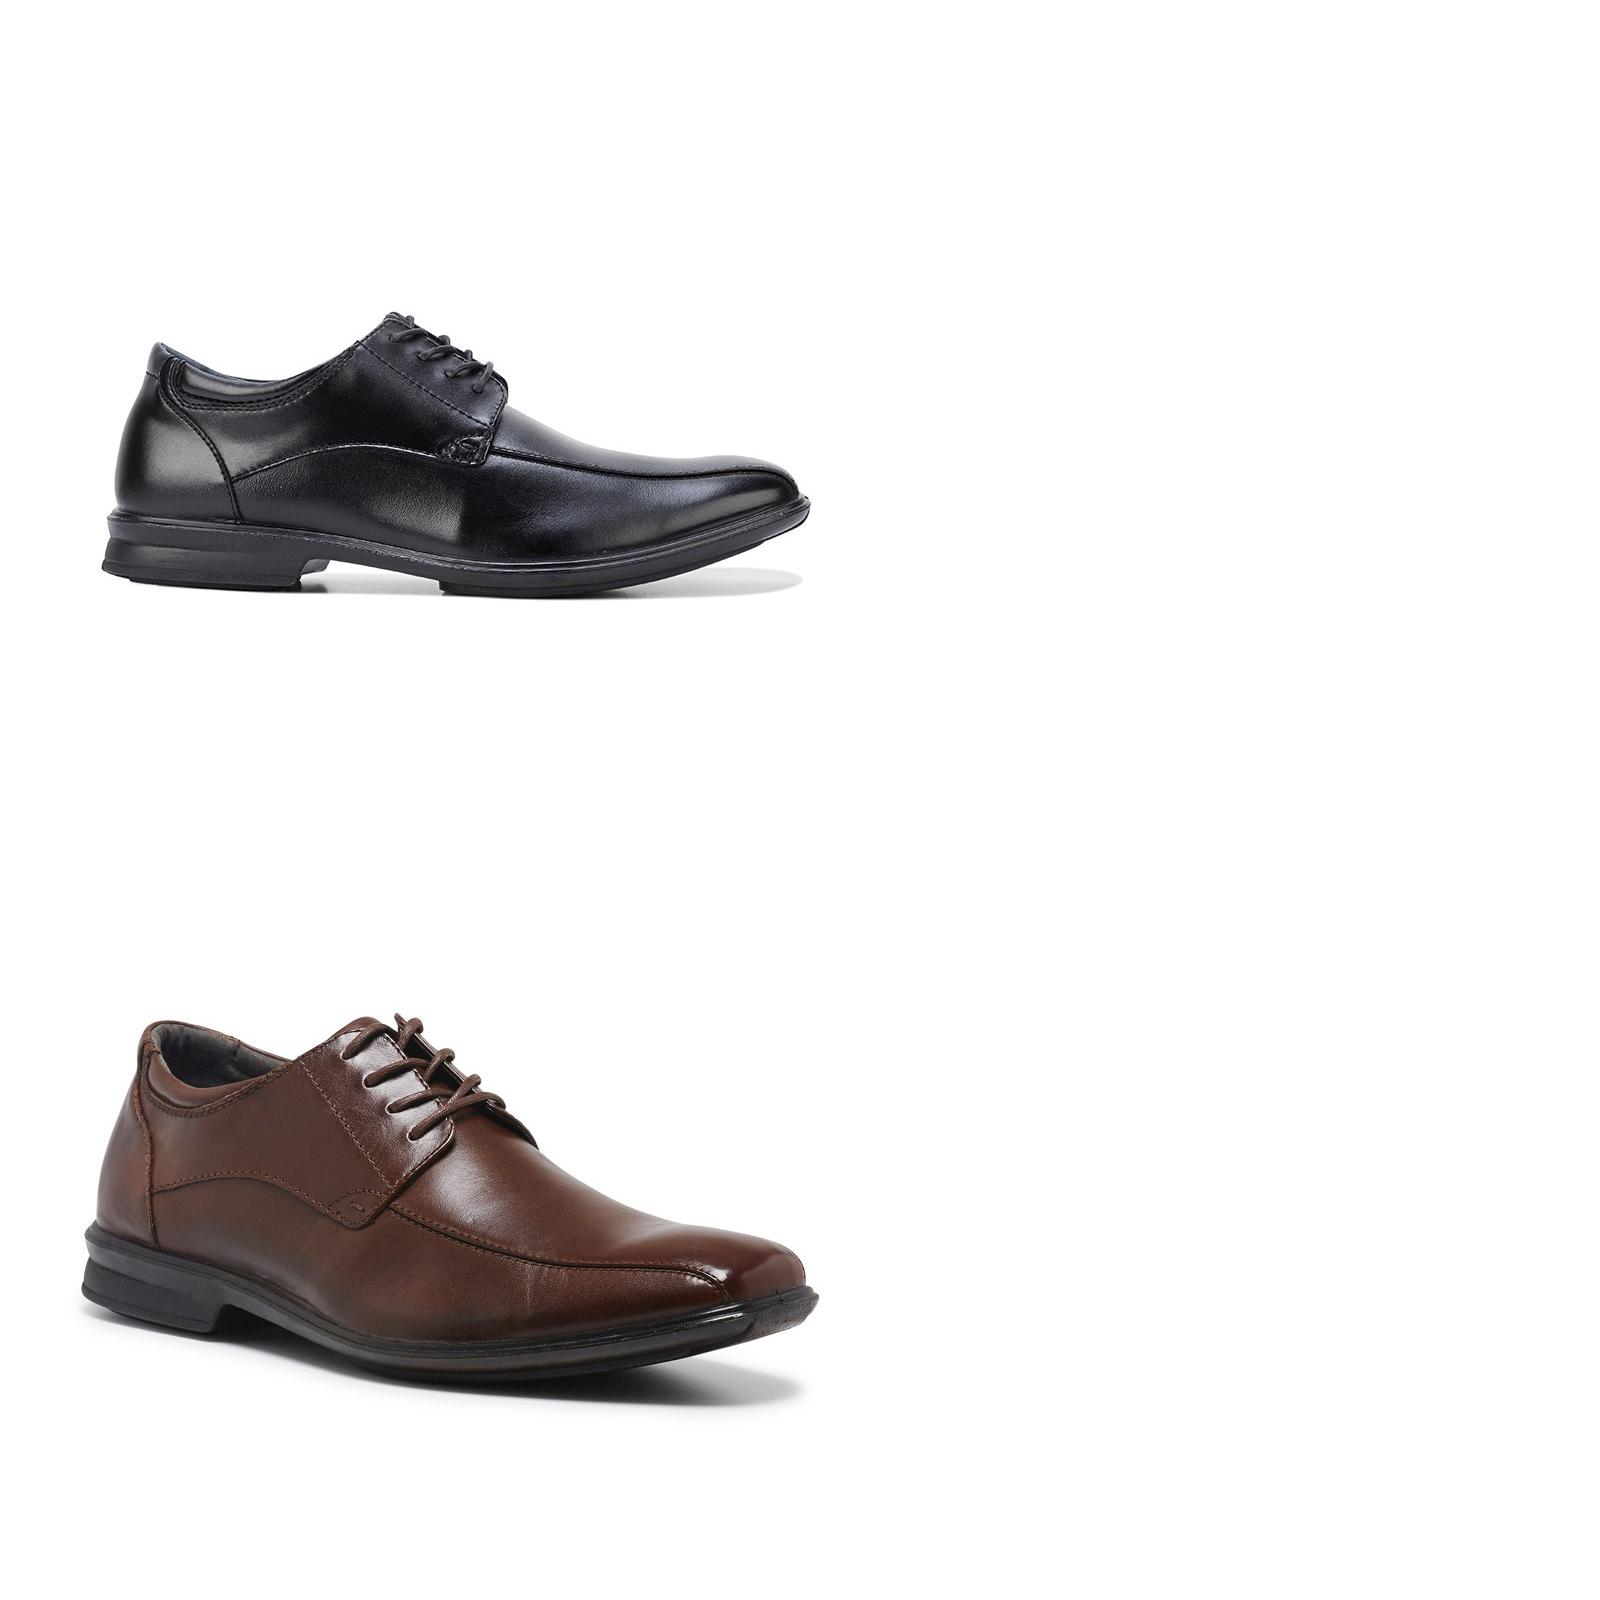 promozioni di squadra Mens Hush Puppies Carey Leather nero Tan Marrone Marrone Marrone Dress Formal Work Comfort scarpe  costo effettivo